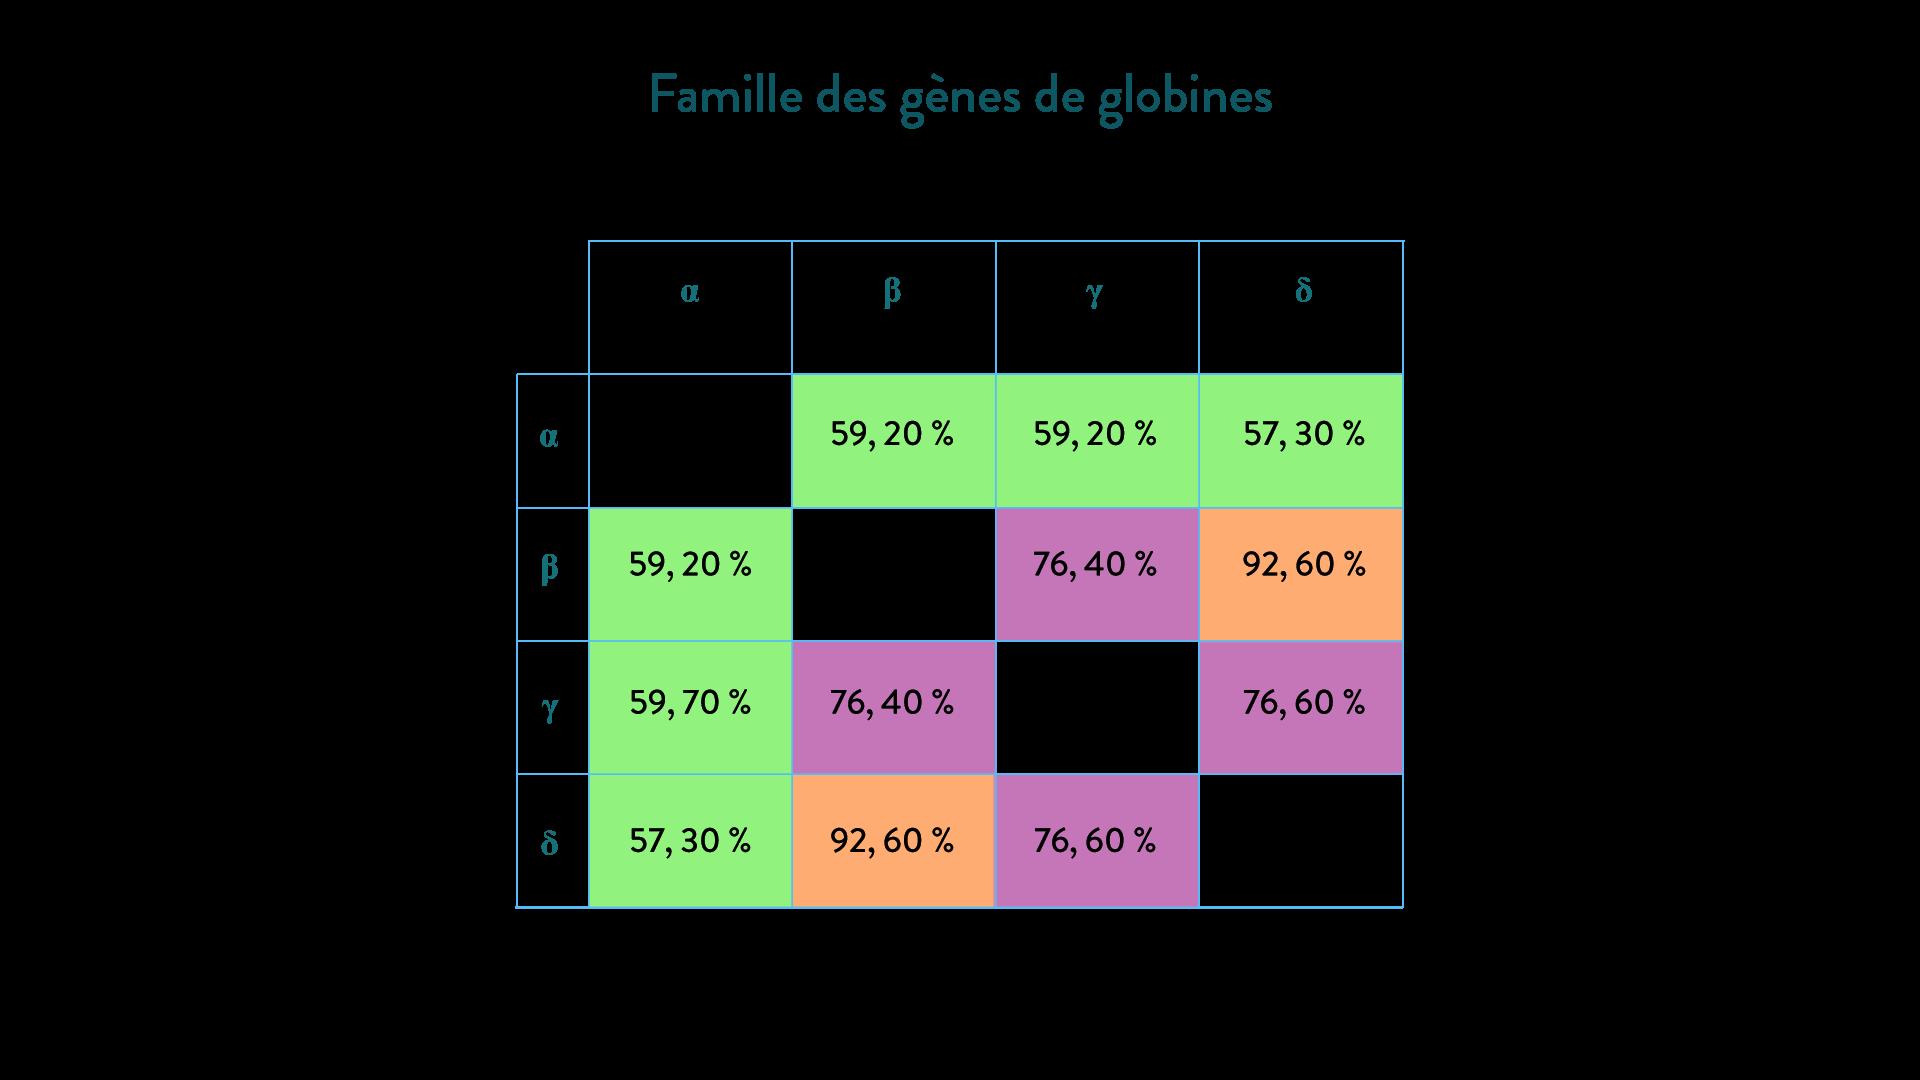 famille des gènes de globine arbre phylogénétique